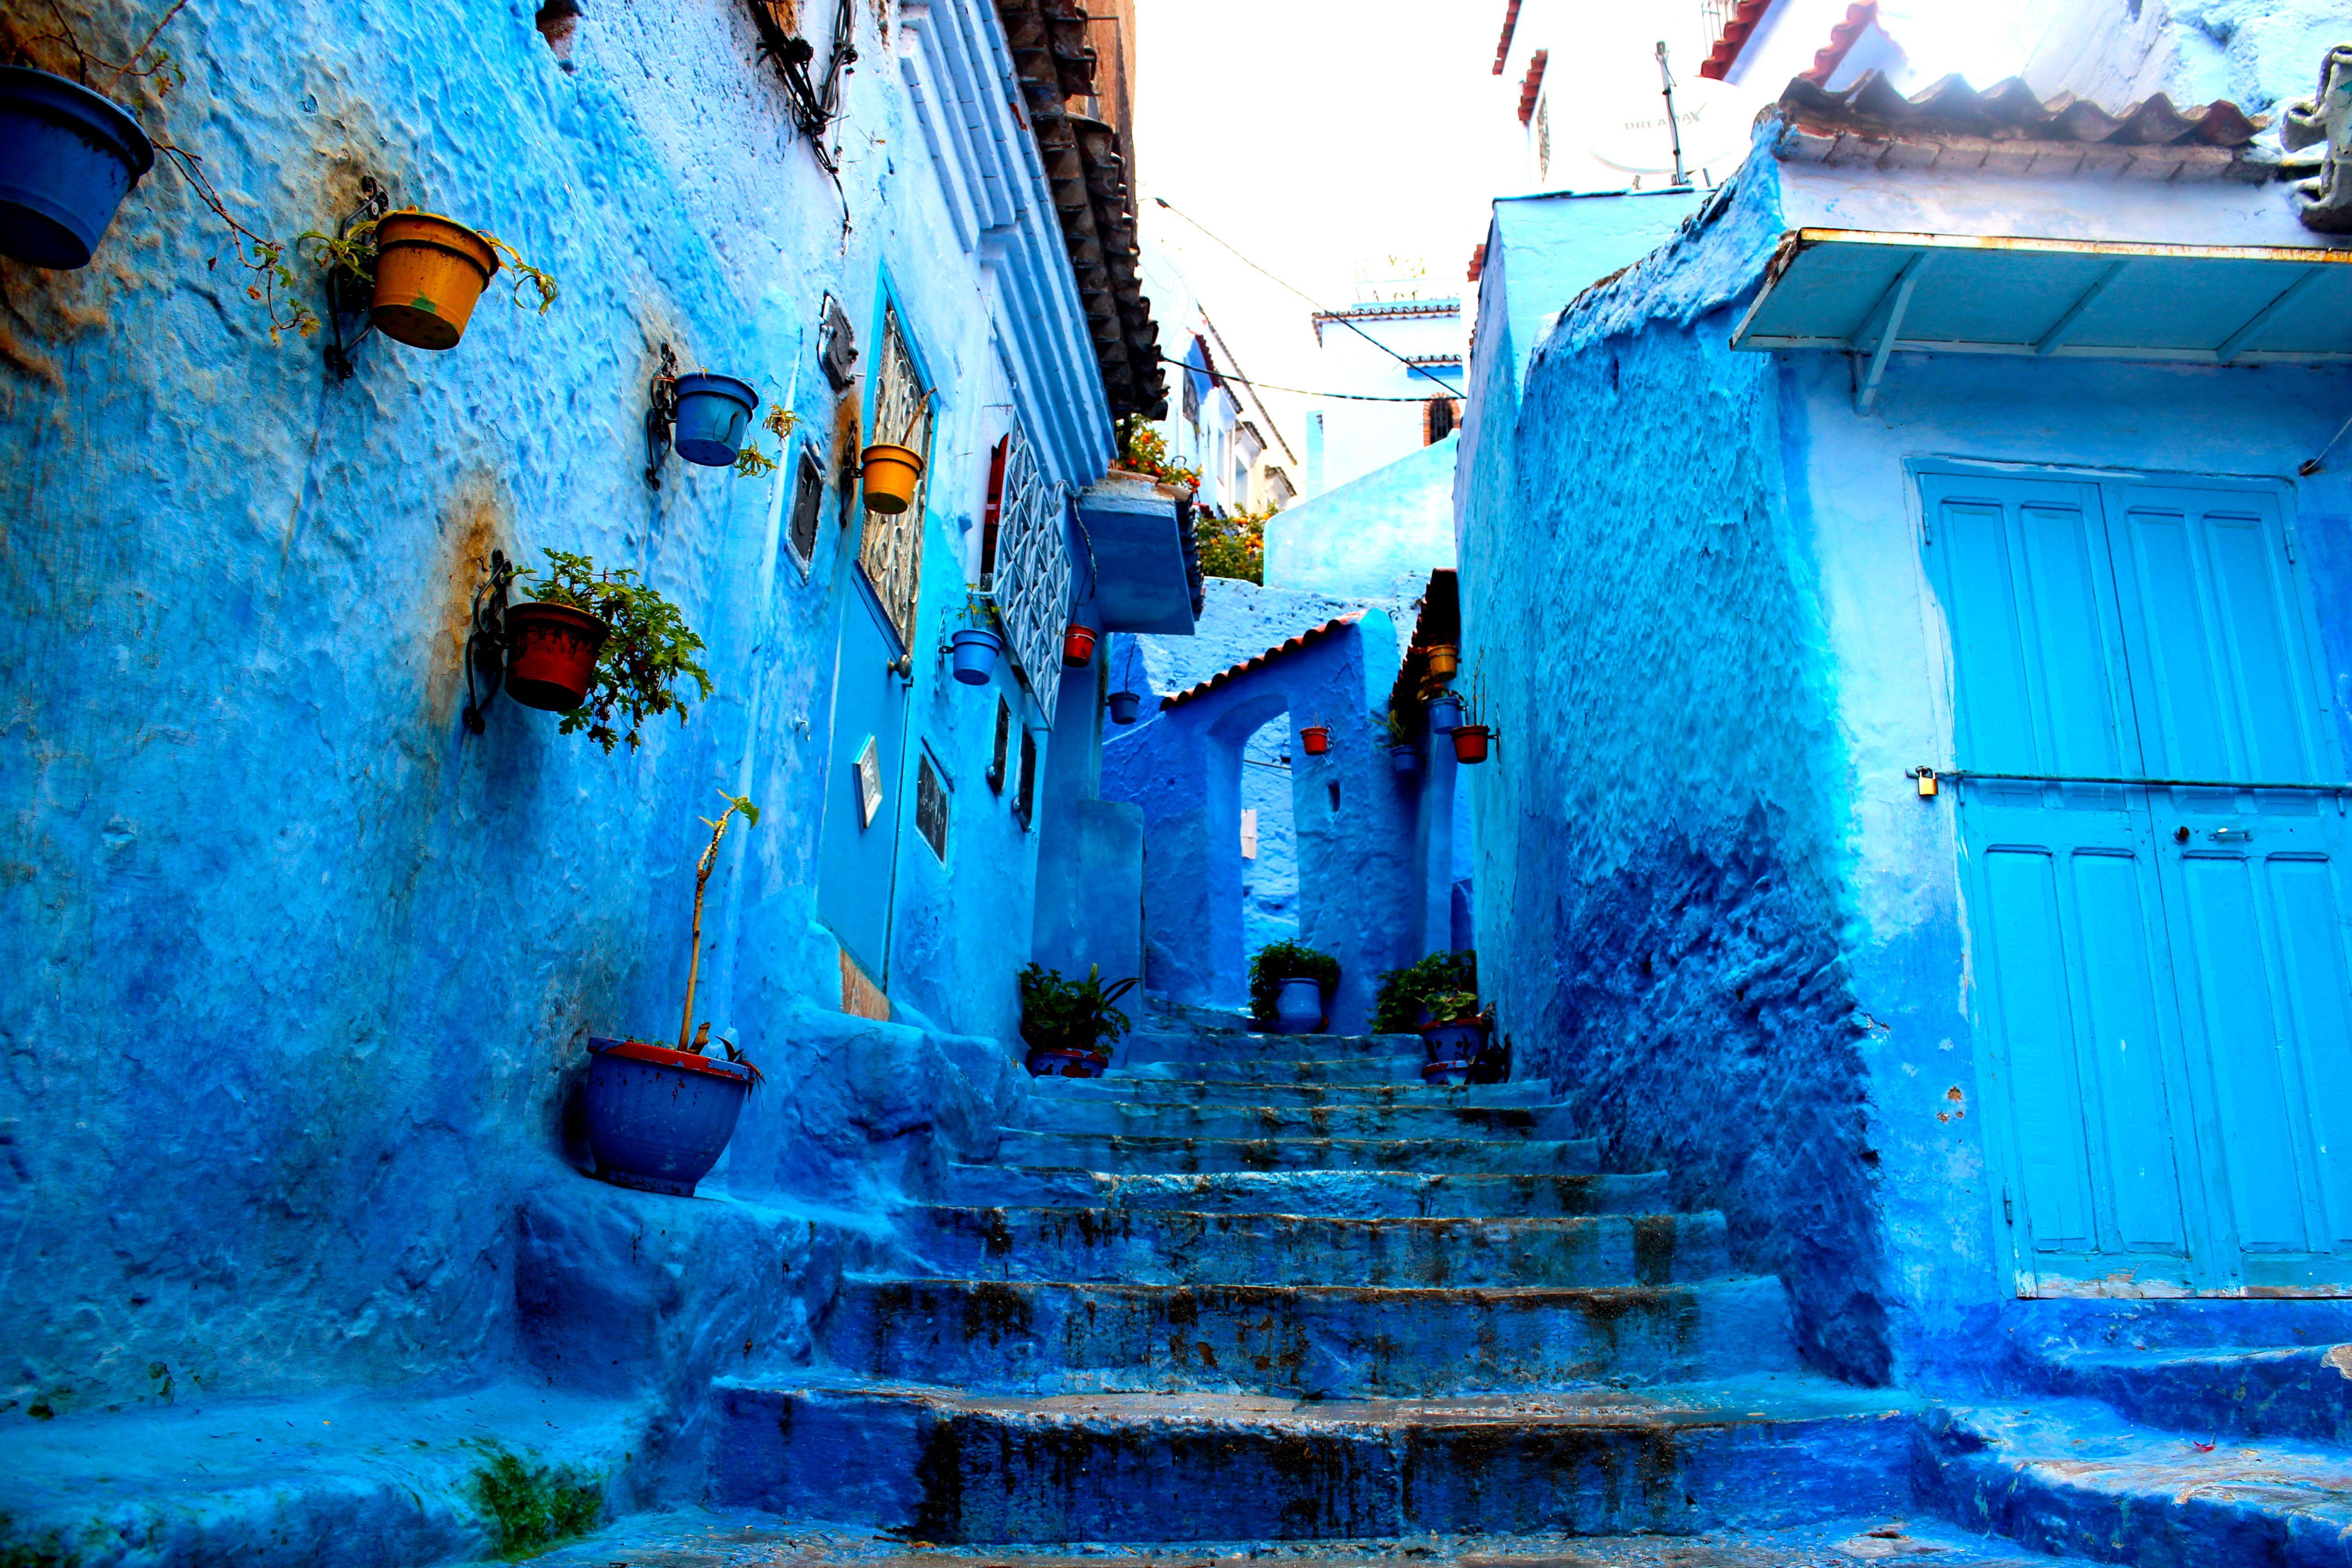 morocco jungle Google Search Blue city, Morocco, City